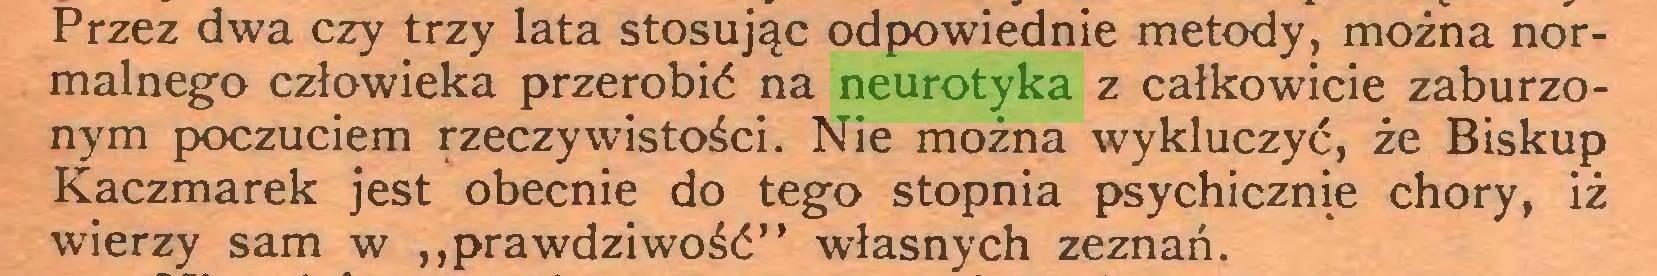 """(...) Przez dwa czy trzy lata stosując odpowiednie metody, można normalnego człowieka przerobić na neurotyka z całkowicie zaburzonym poczuciem rzeczywistości. Nie można wykluczyć, że Biskup Kaczmarek jest obecnie do tego stopnia psychicznie chory, iż wierzy sam w """"prawdziwość"""" własnych zeznań..."""